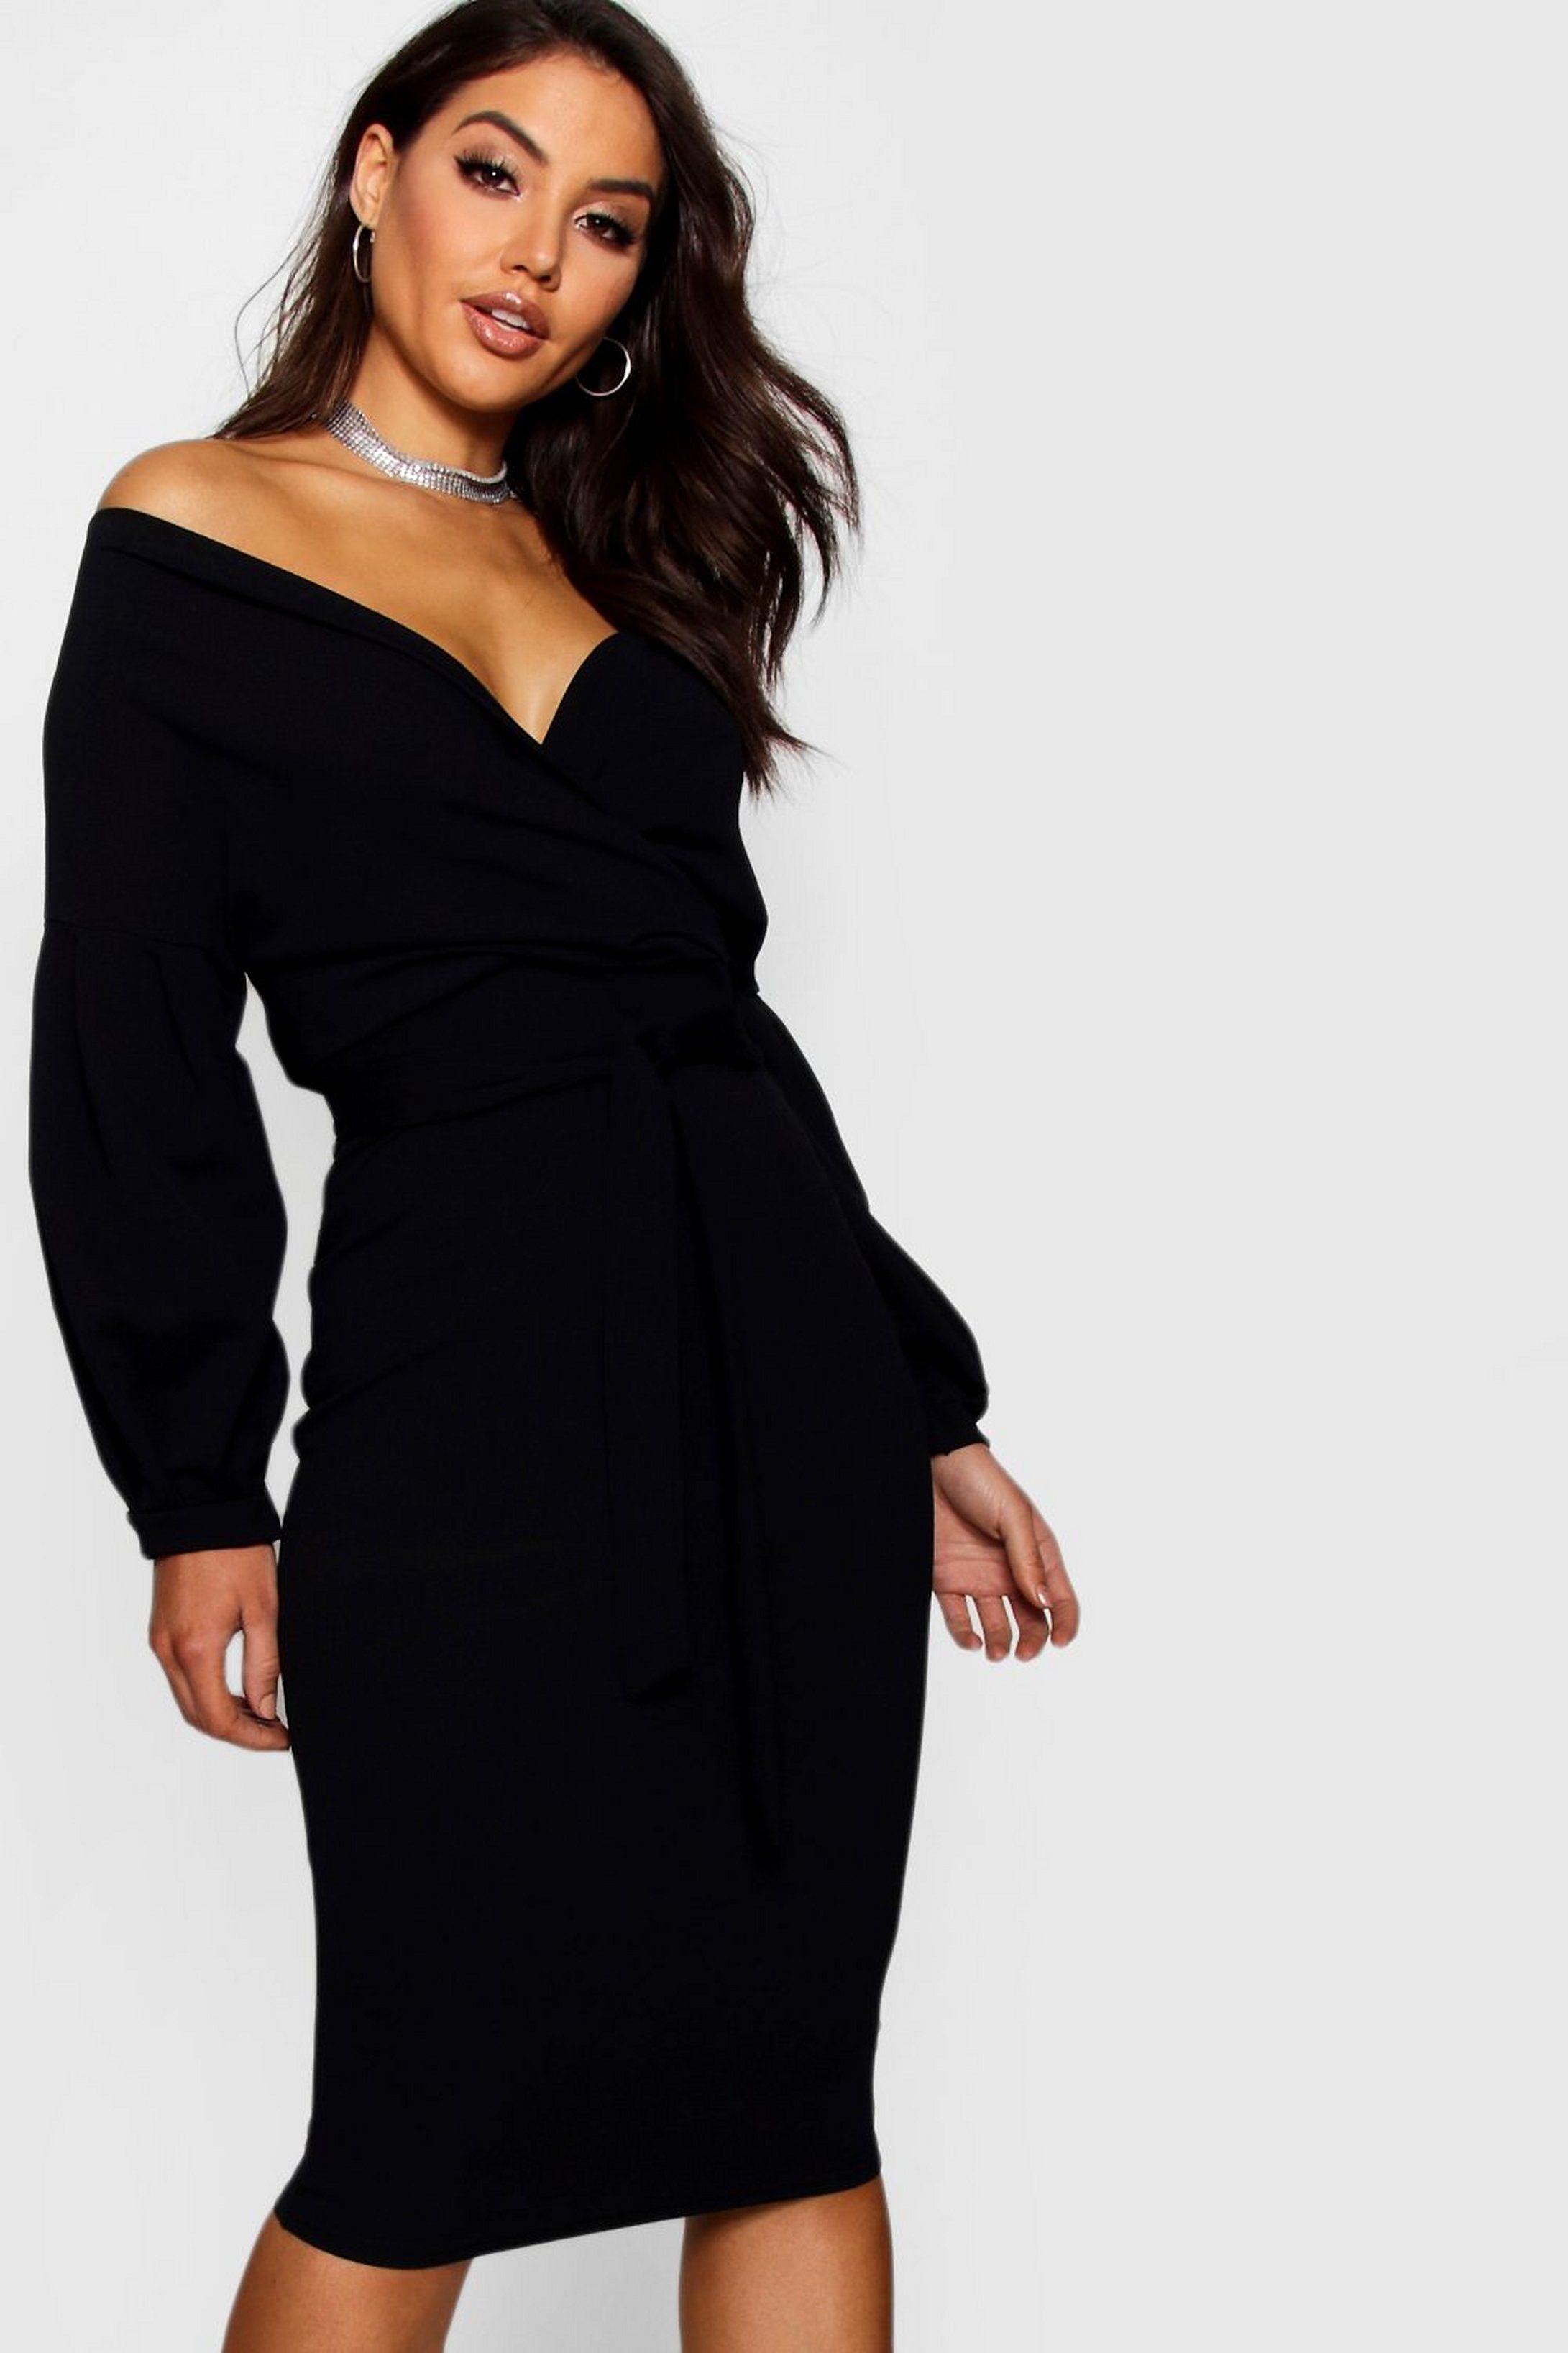 Off The Shoulder Wrap Midi Dress Boohoo In 2020 Fashion Stylish Wrap Dress Bodycon Fashion